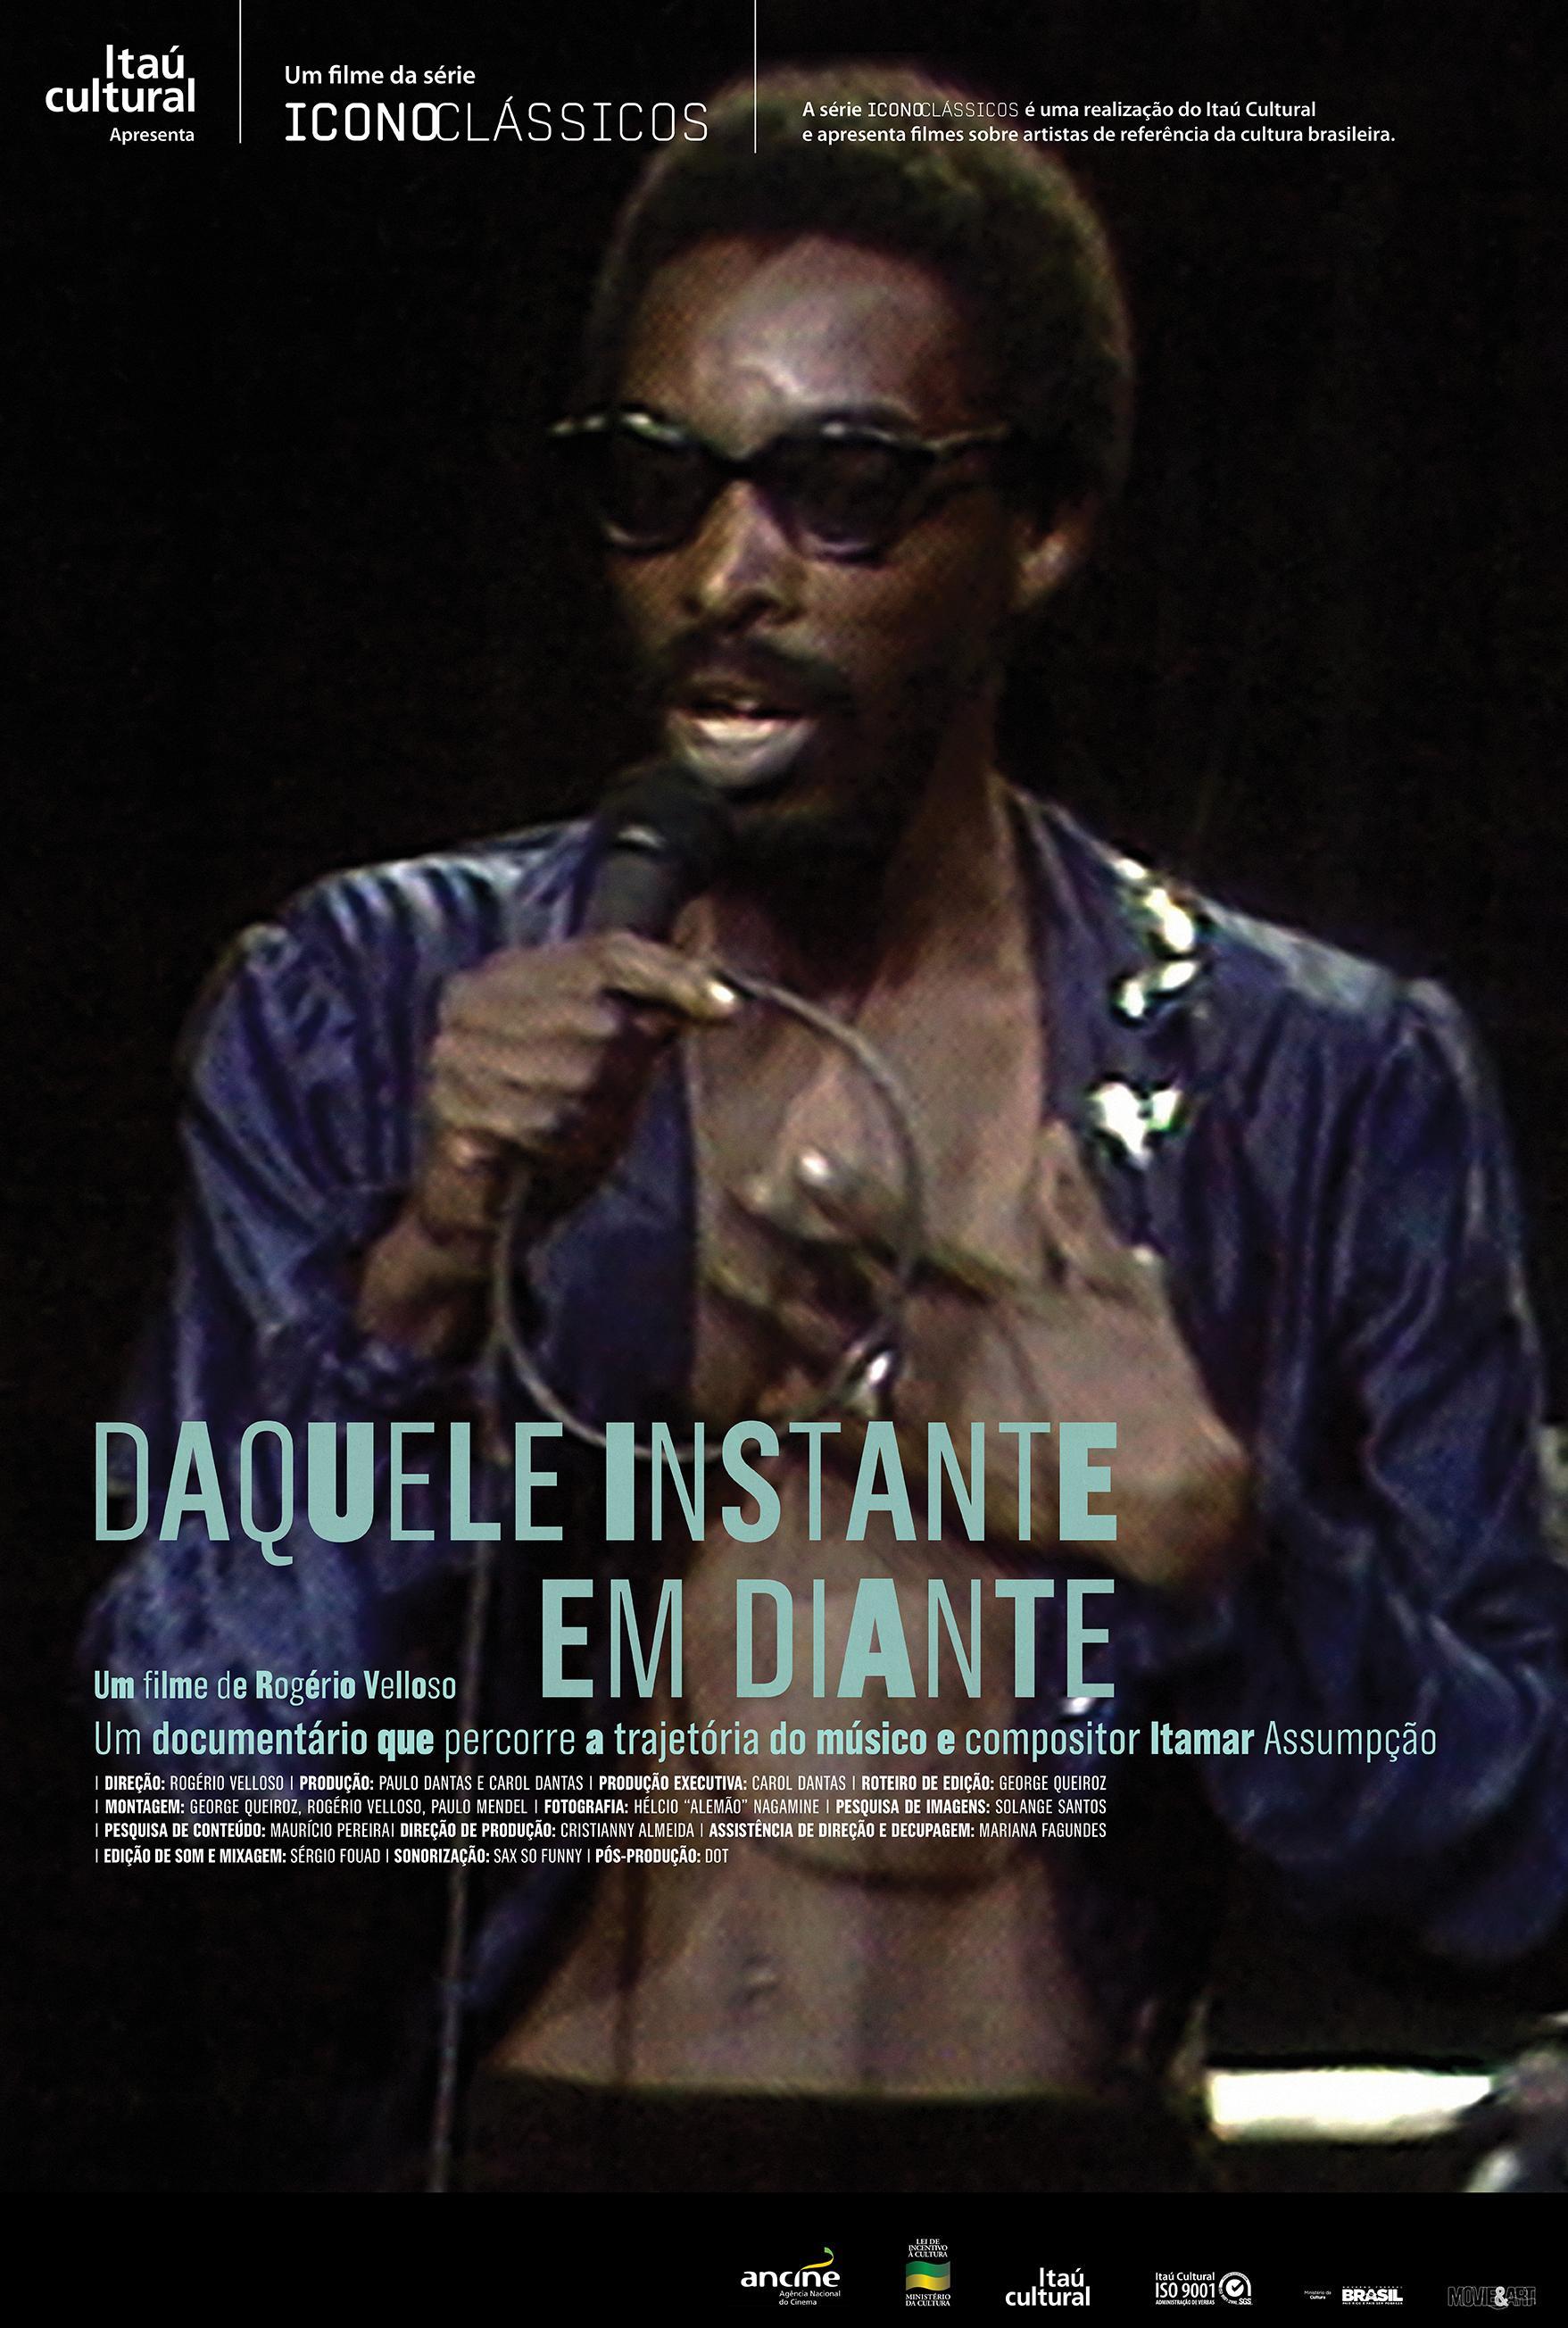 Daquele Instante em Diante [Dub] – IMDB N.D.